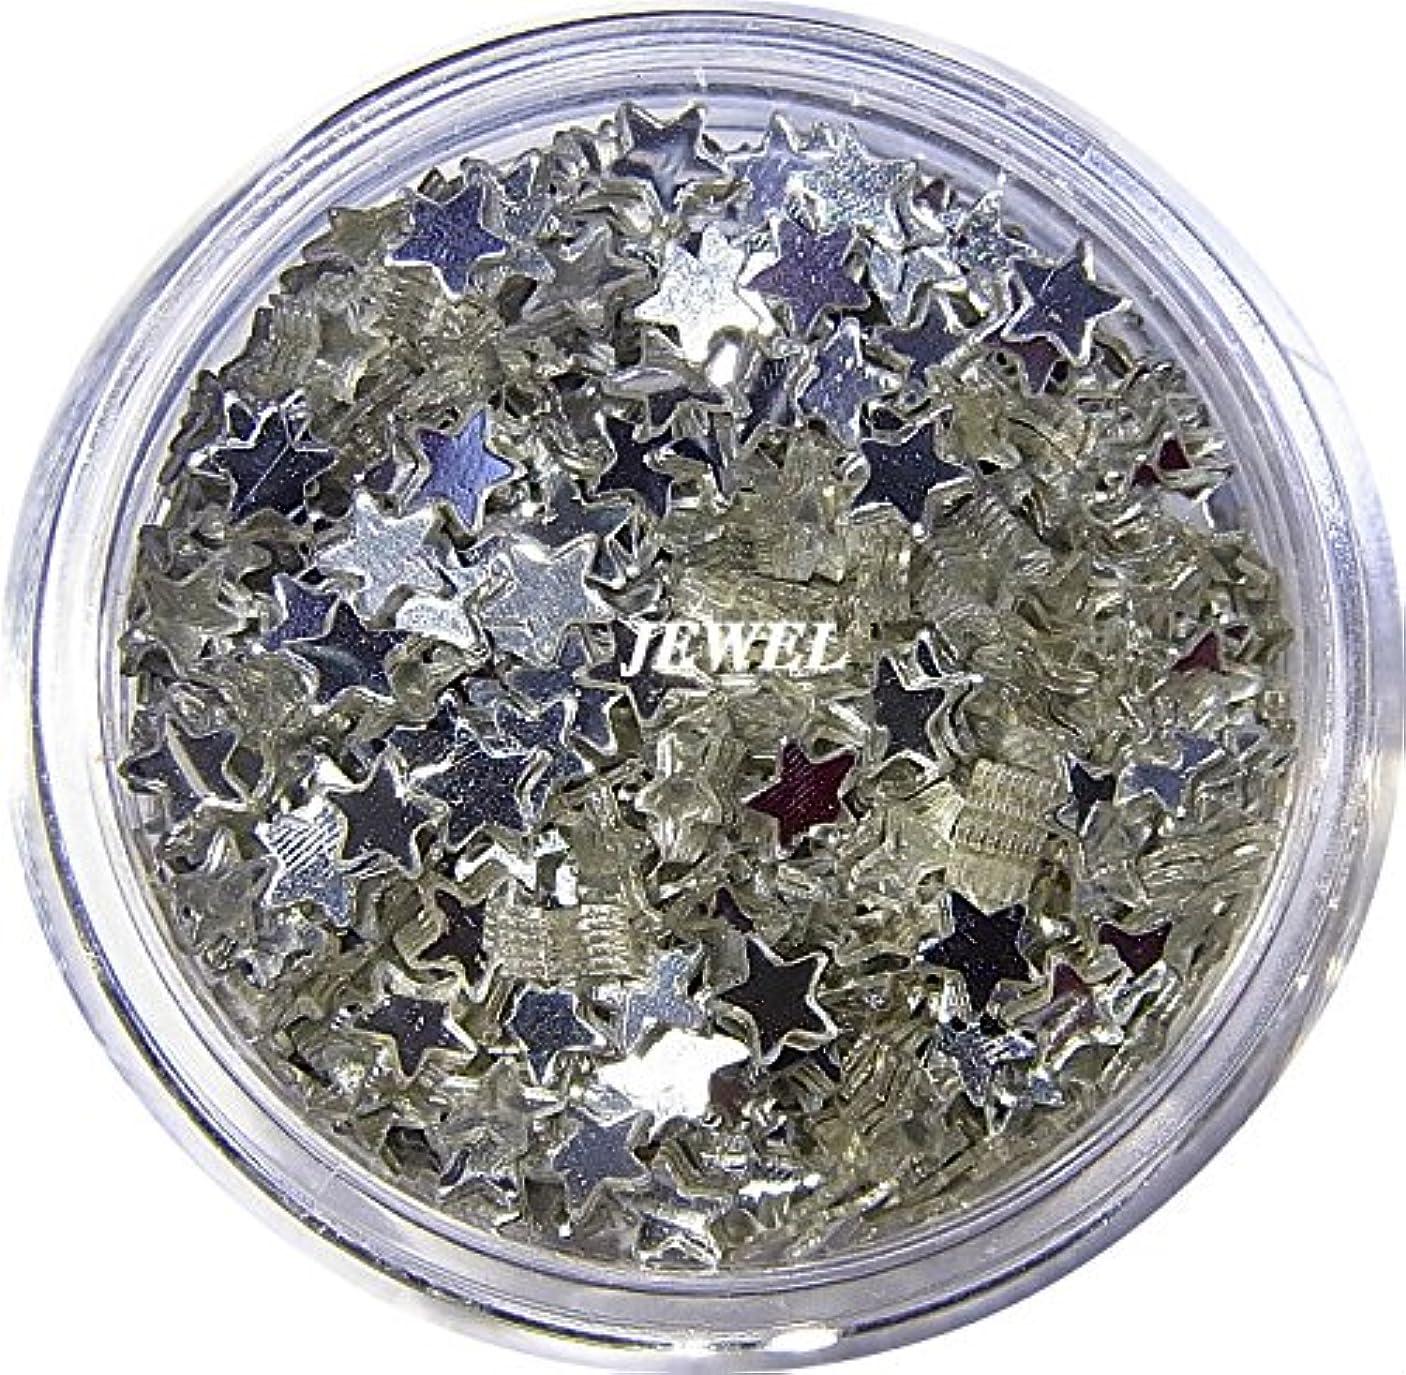 帳面傾斜先のことを考える【jewel】 星ホログラム 2.5mm シルバー スター 2g入り レジン&ネイル用